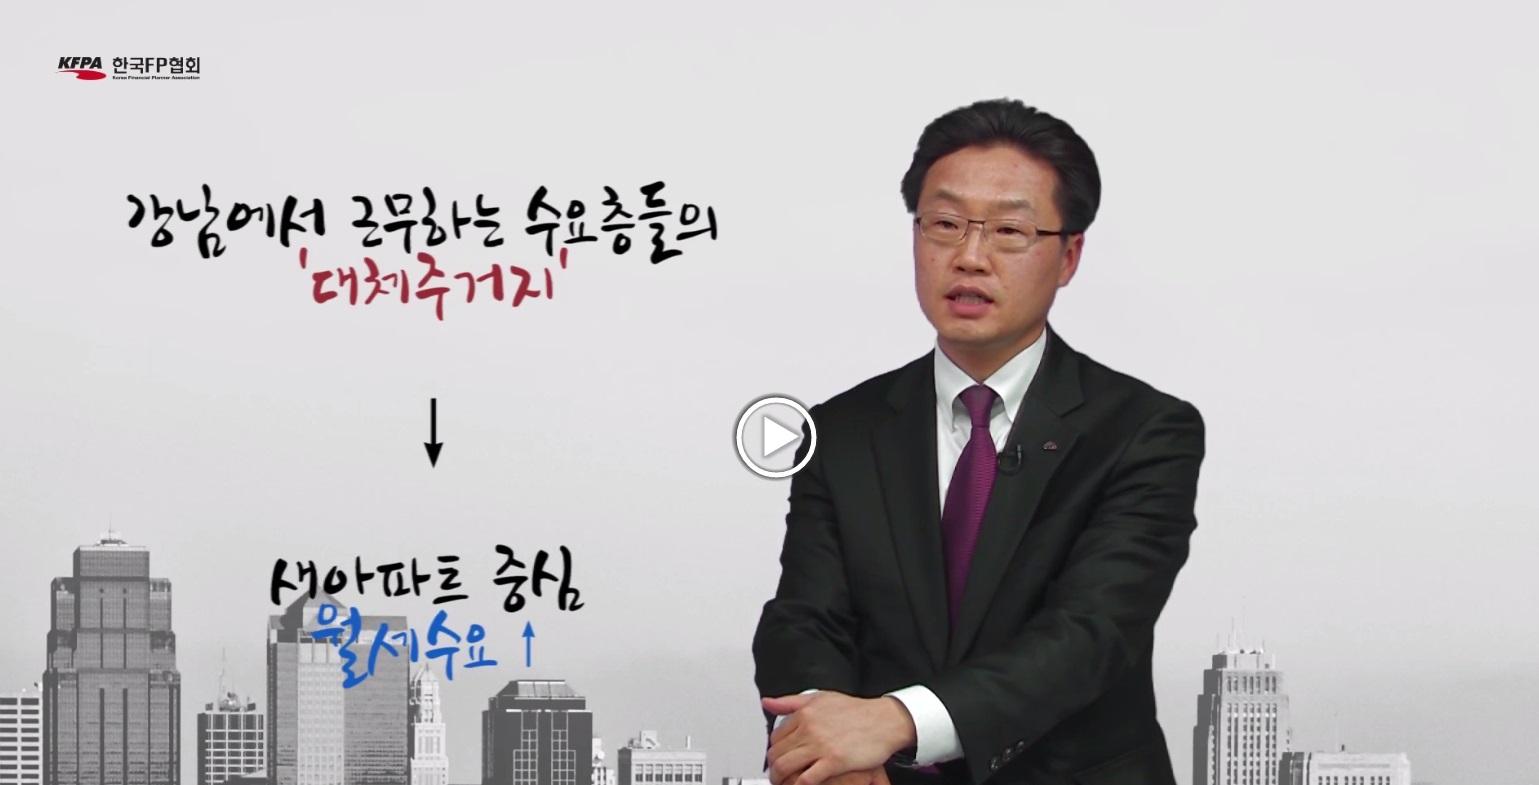 이야기부동산 :: 내 집으로 월세 내는 법